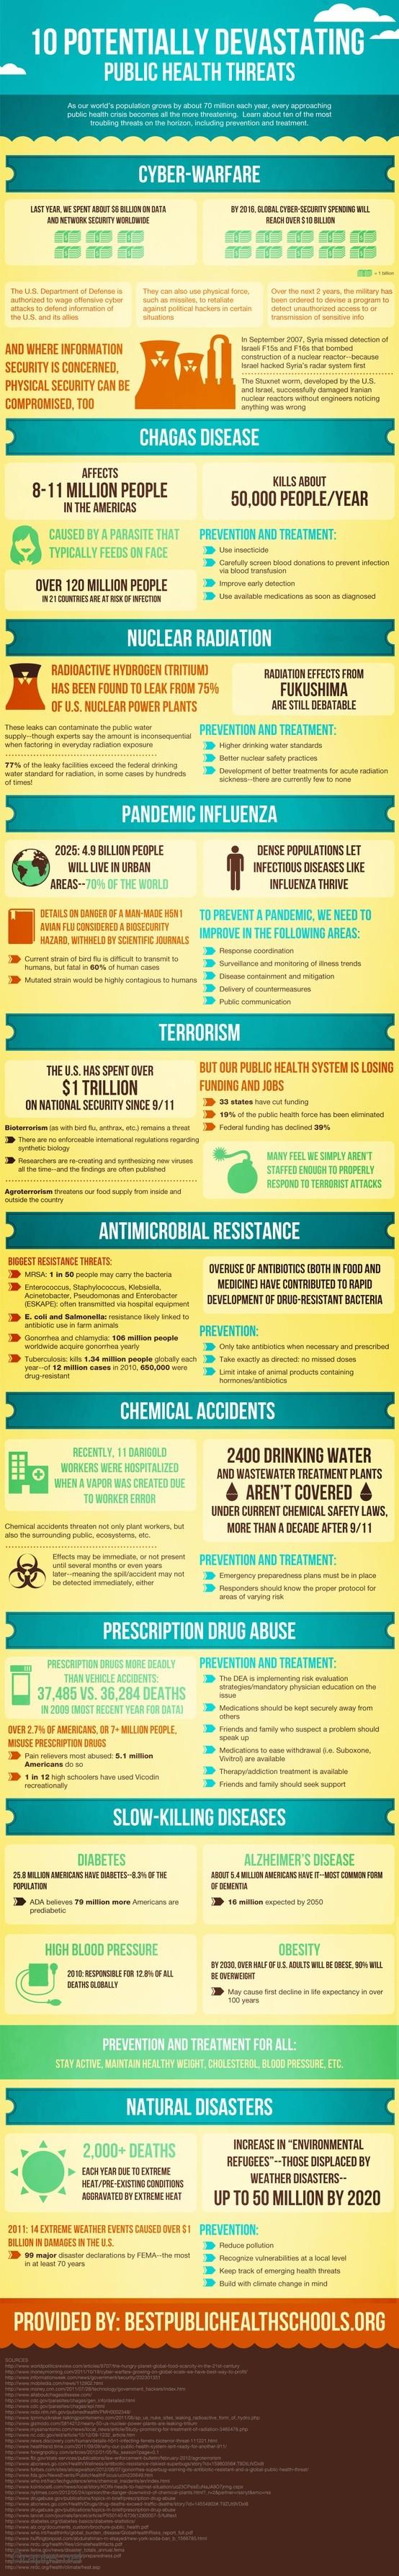 Top 10 Public Health Threats